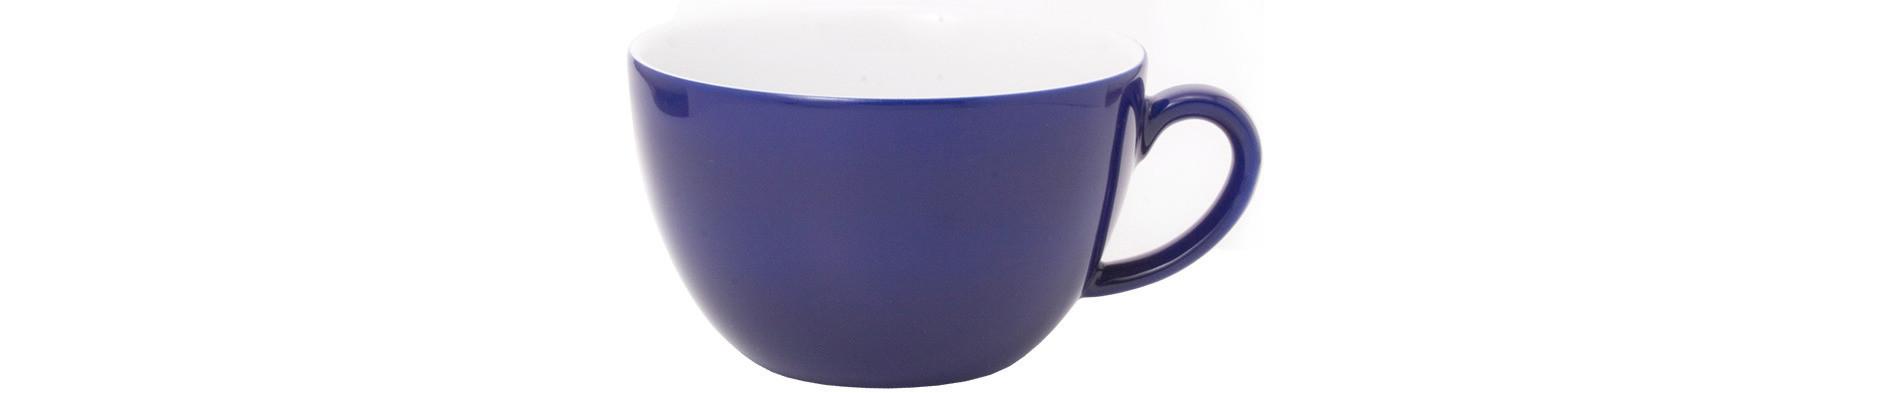 Pronto, Café au lait Tasse ø 115 mm / 0,40 l nachtblau